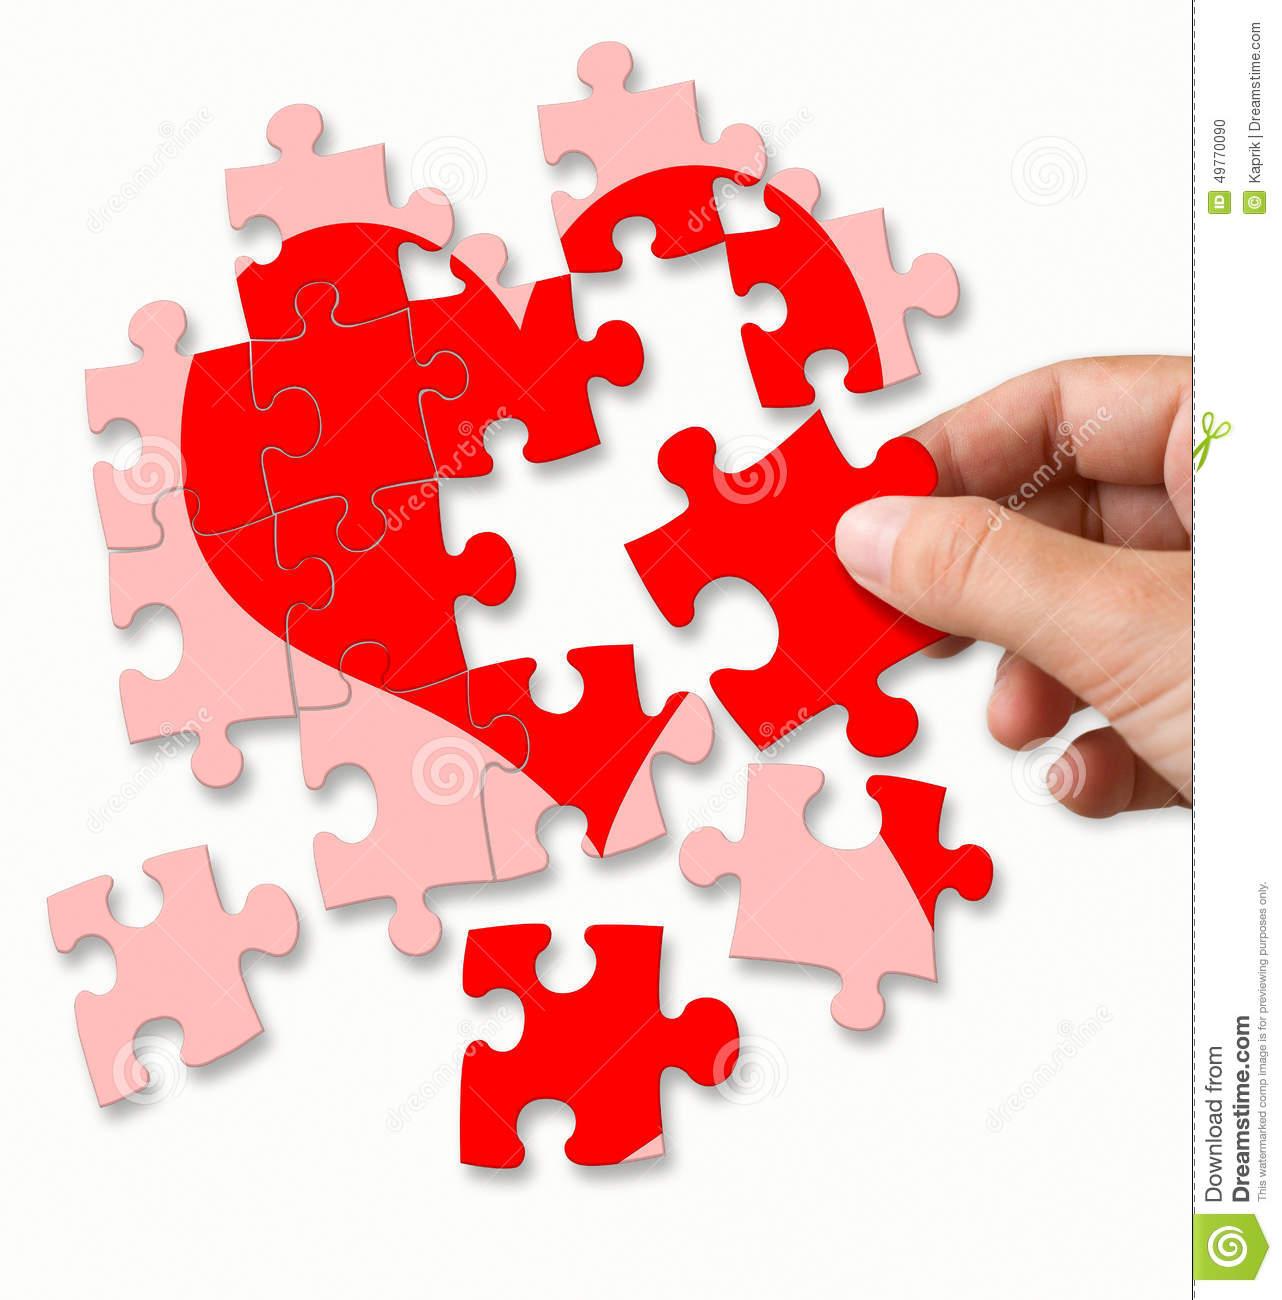 टूटे दिल किर्चो को समेटकर Assembling the broken pieces of my heart